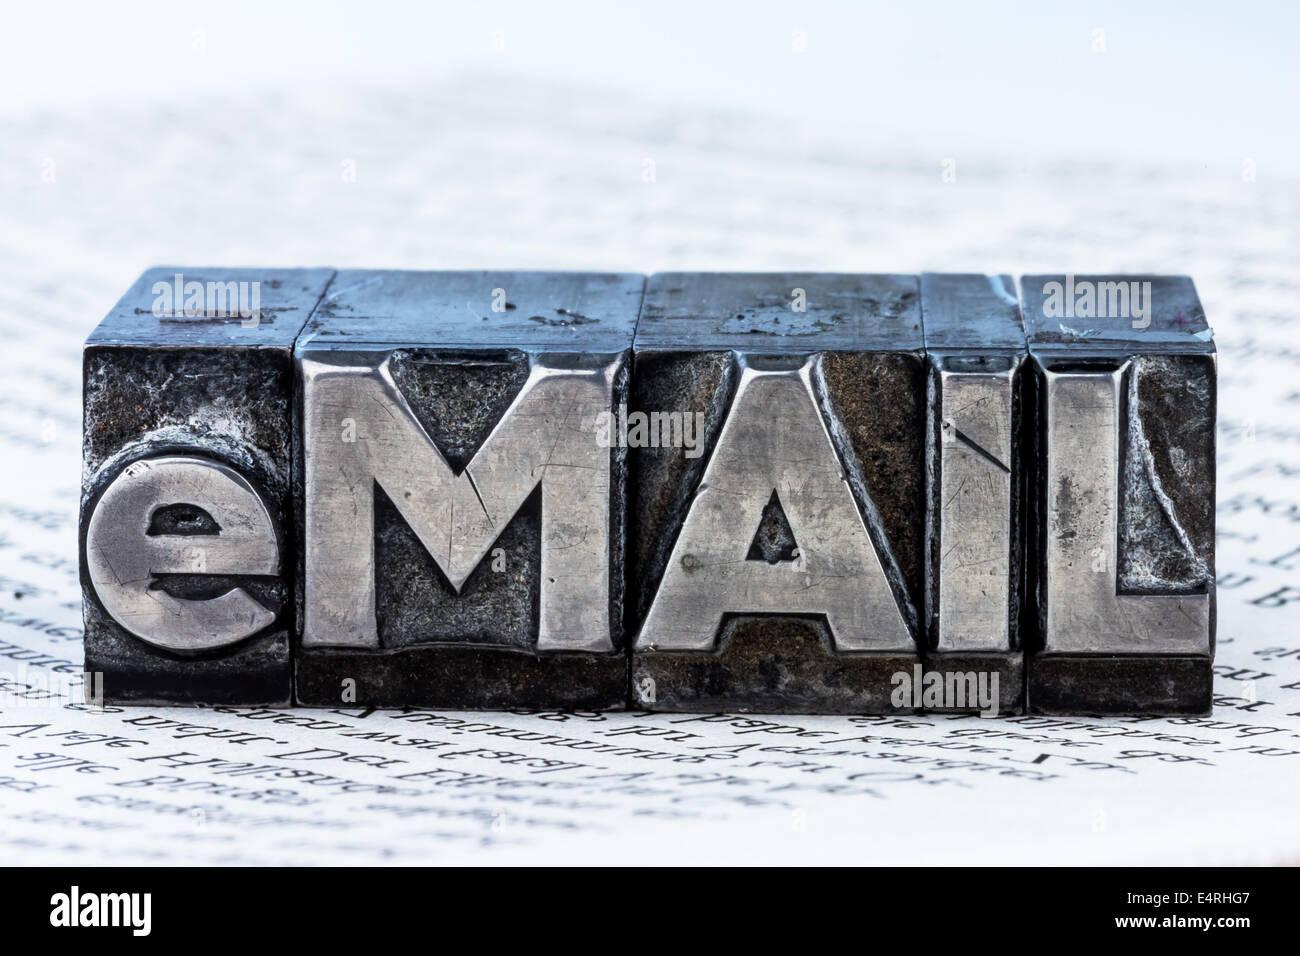 """""""La parola ''e-mail'' in lettere di piombo scritto. foto simbolico per corrispondenza rapida', Immagini Stock"""